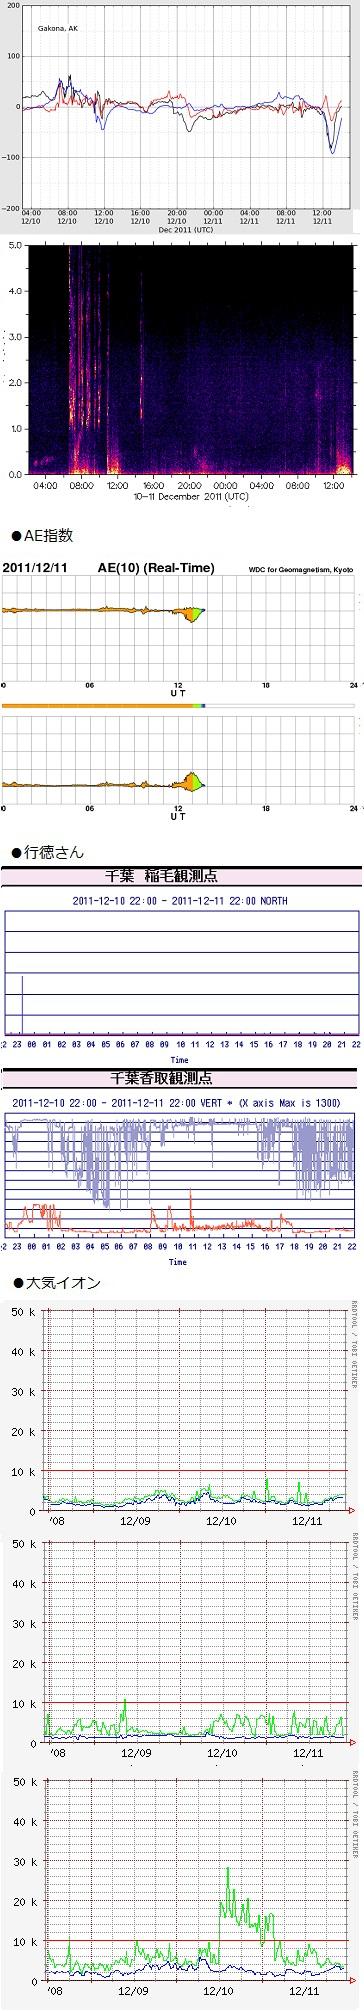 1212-1 データ